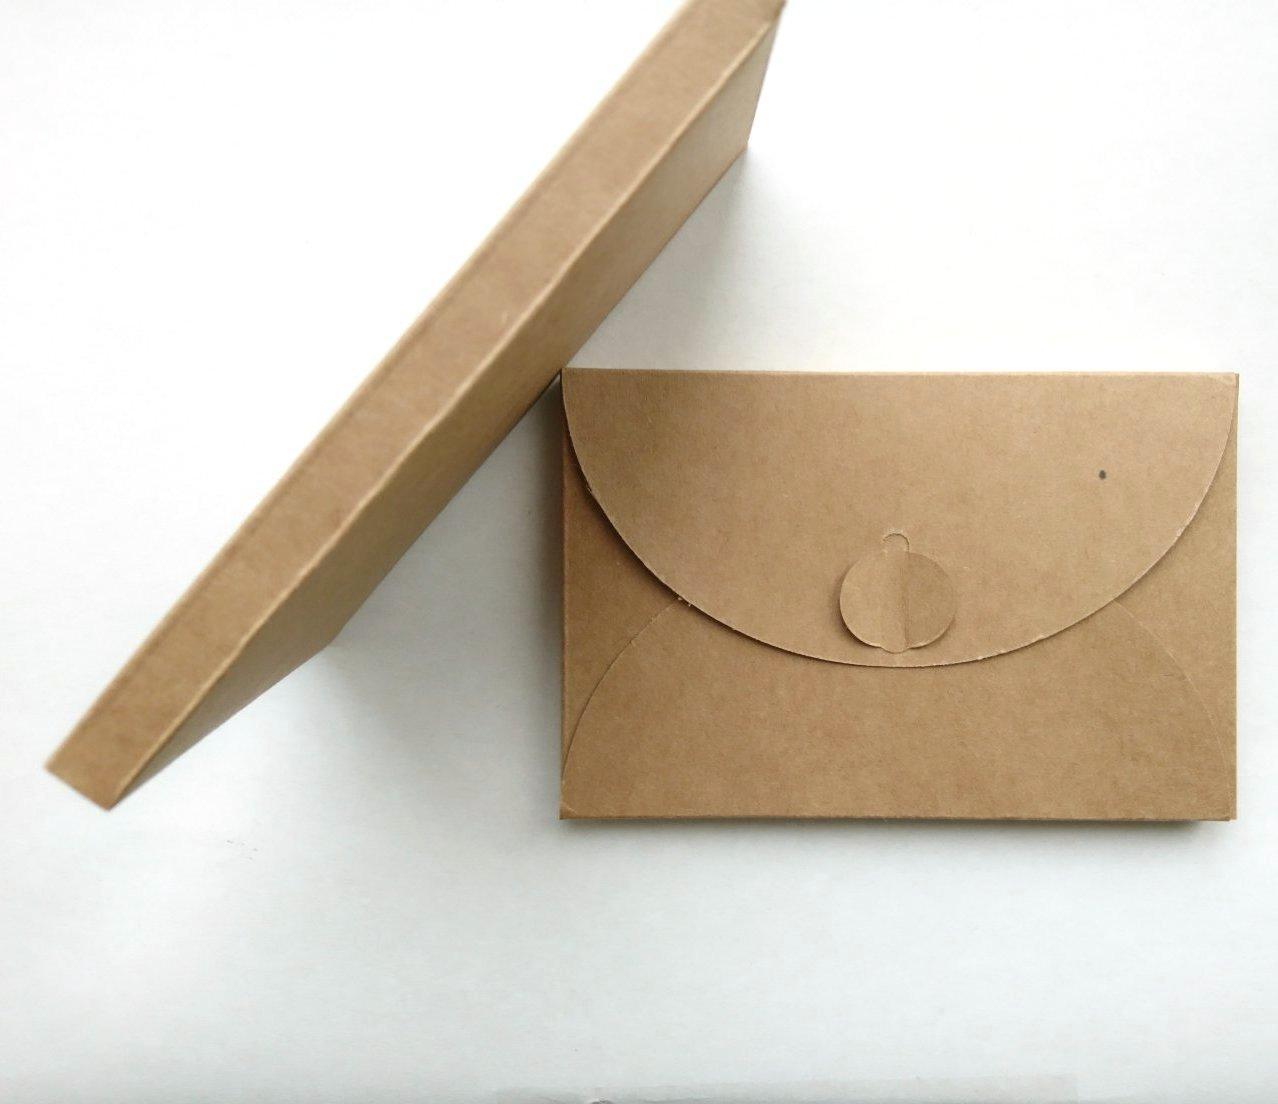 Подарочный конверт из эко крафт-картона 80х120х8 мм + ПОДАРОК (на 200 шт конвертов)